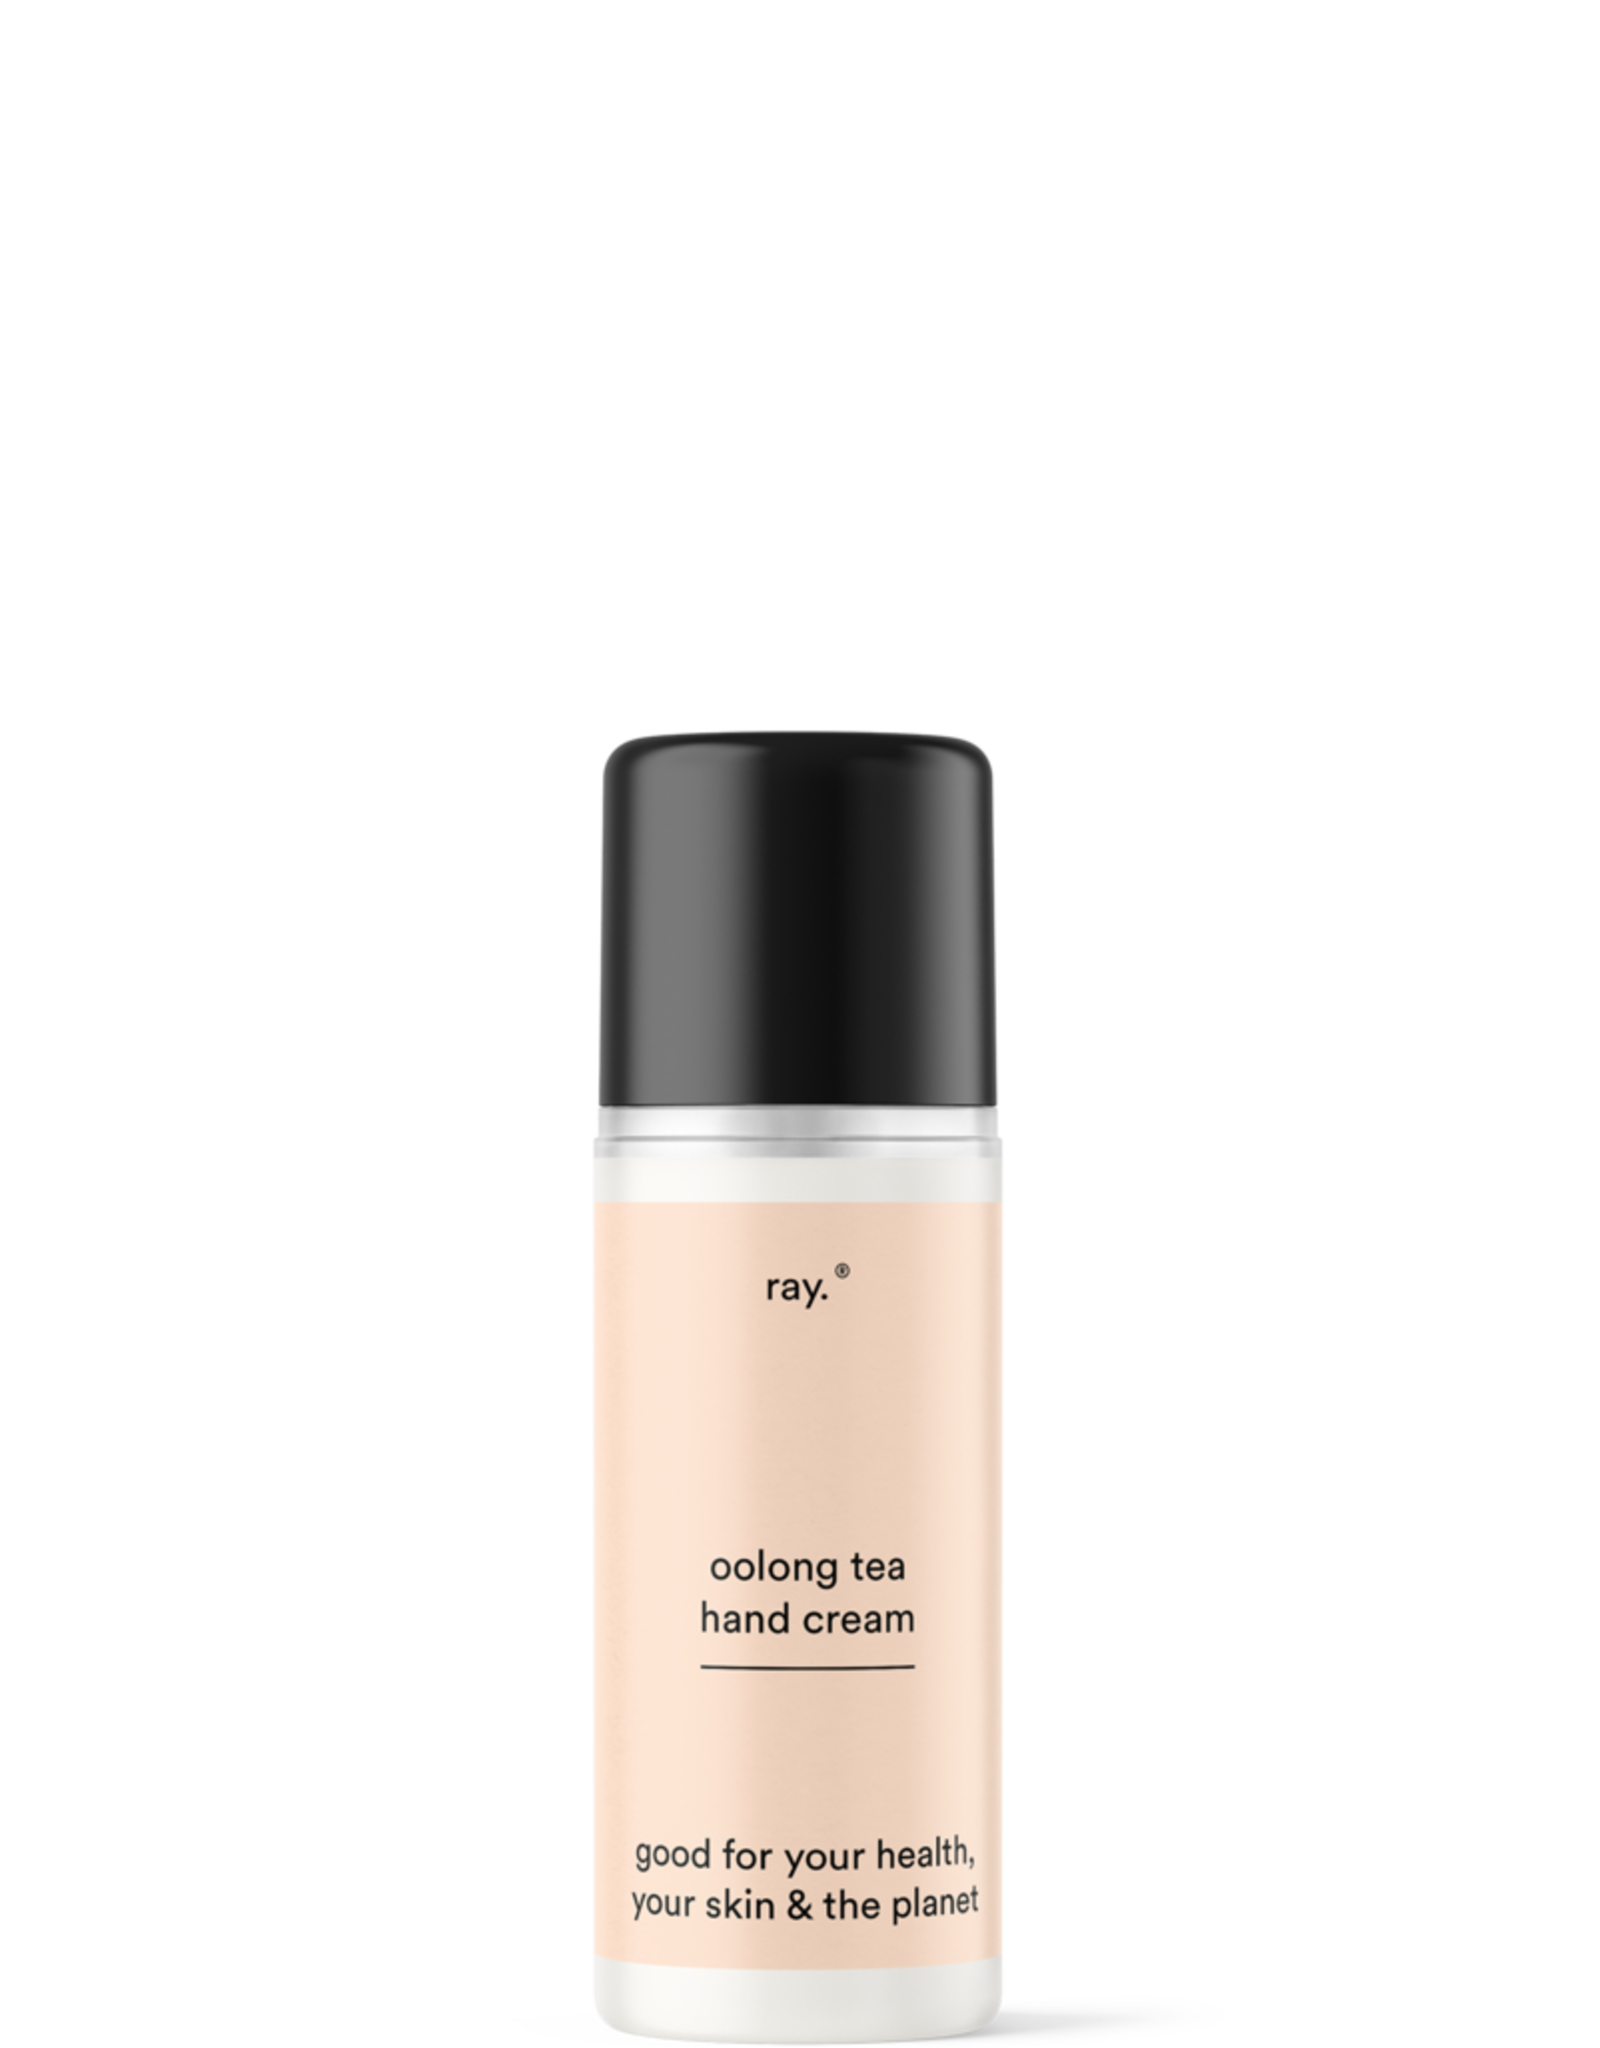 ray Hand Cream - 50ml - Grapefruit